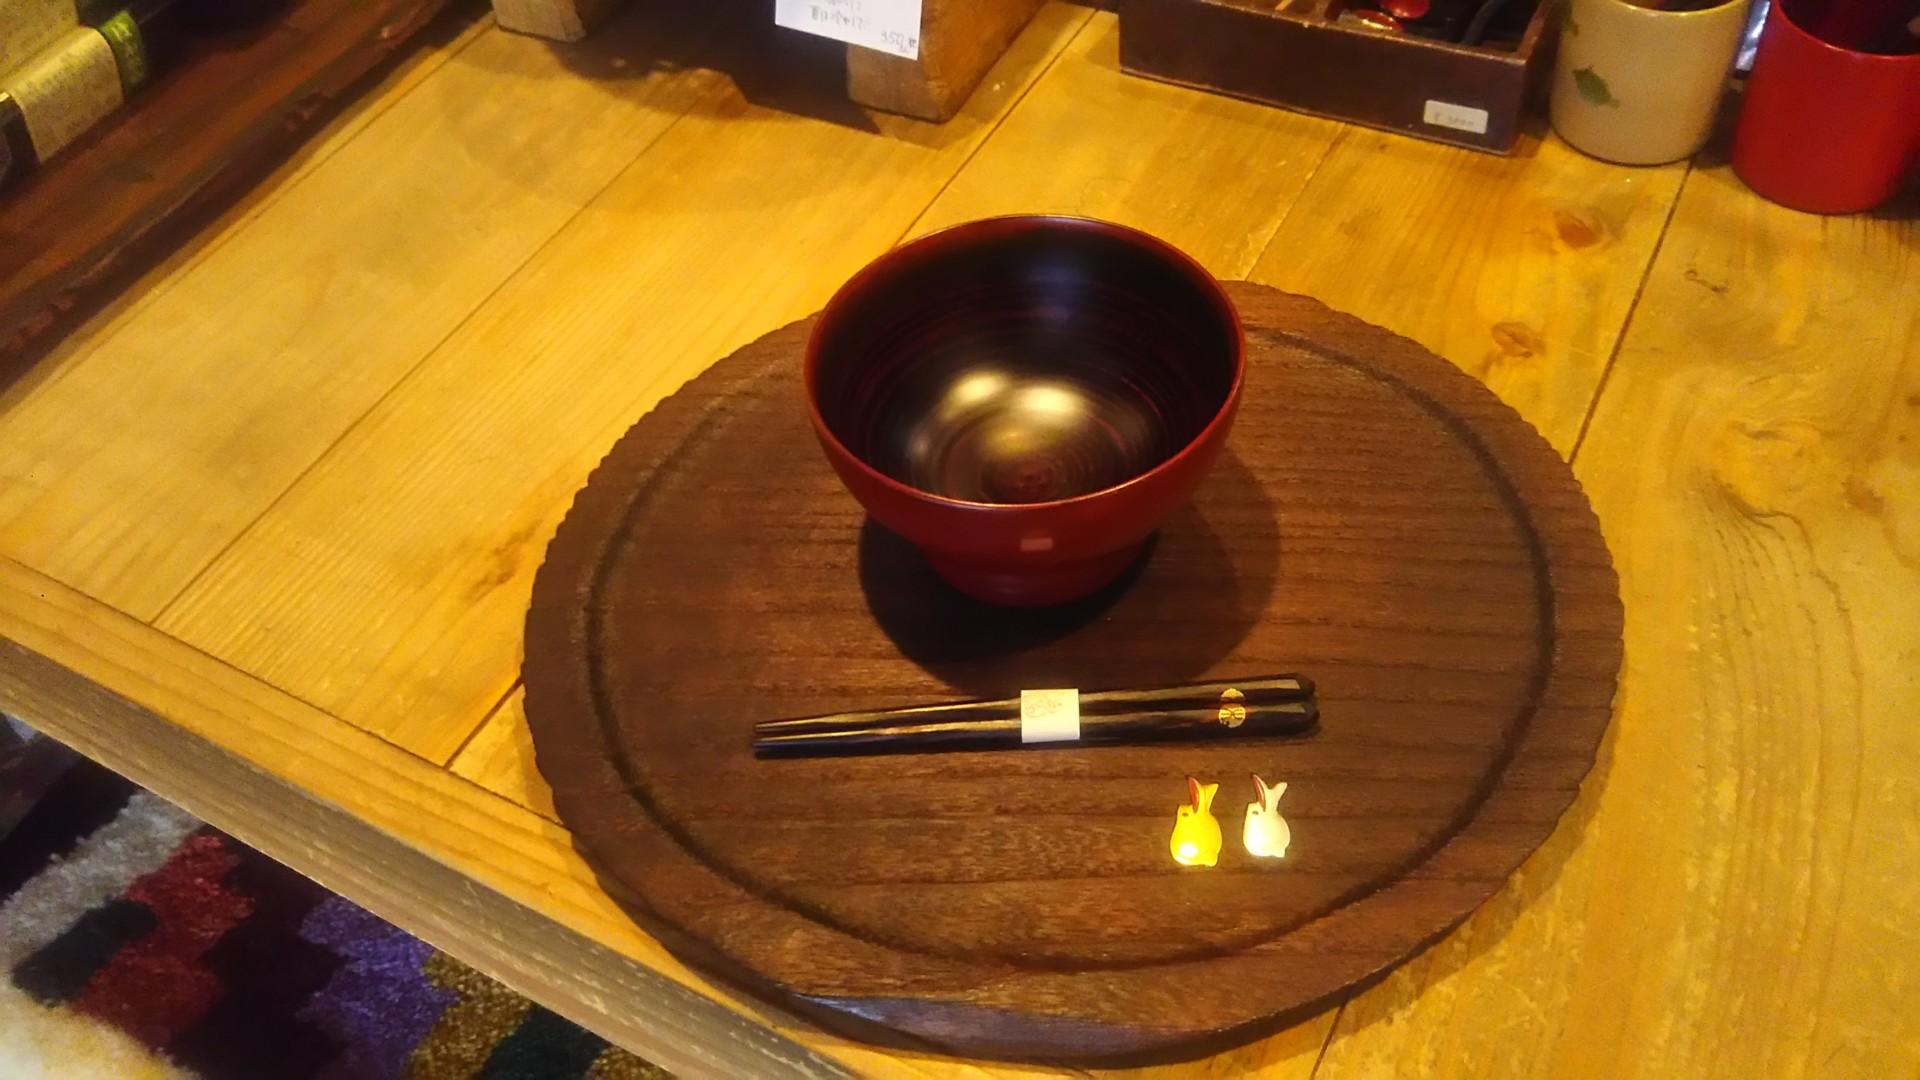 お食い初めから100歳まで使える、ふだん使いの輪島塗の椀とけずり箸(椀:13,000円、箸:2,000円)